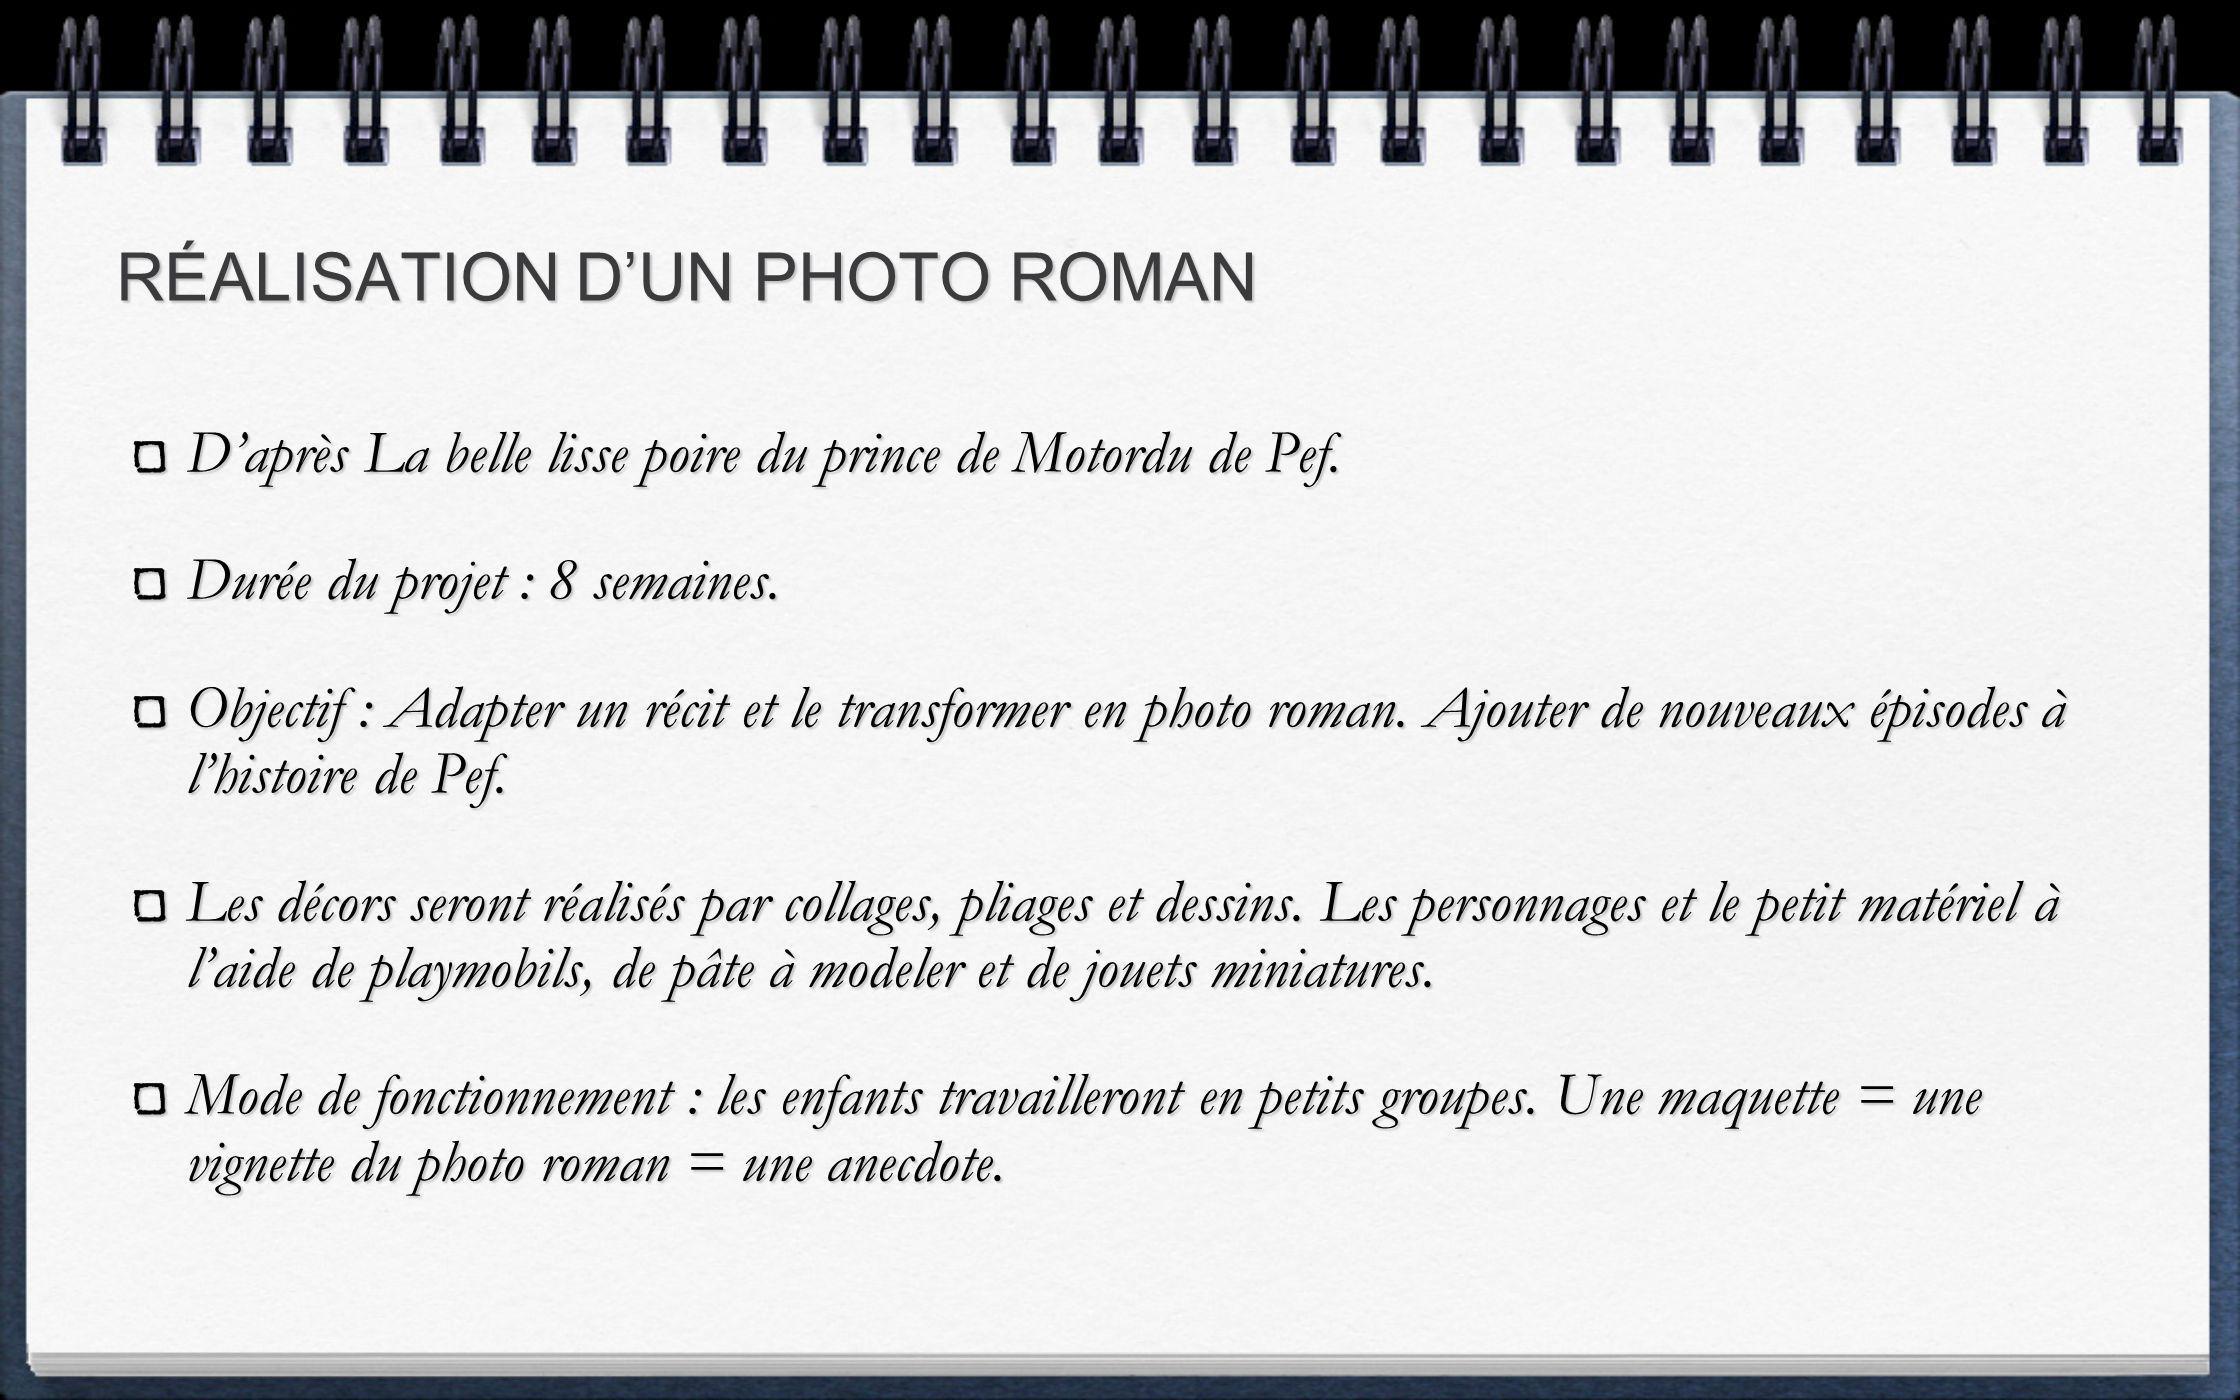 RÉALISATION DUN PHOTO ROMAN Daprès La belle lisse poire du prince de Motordu de Pef.